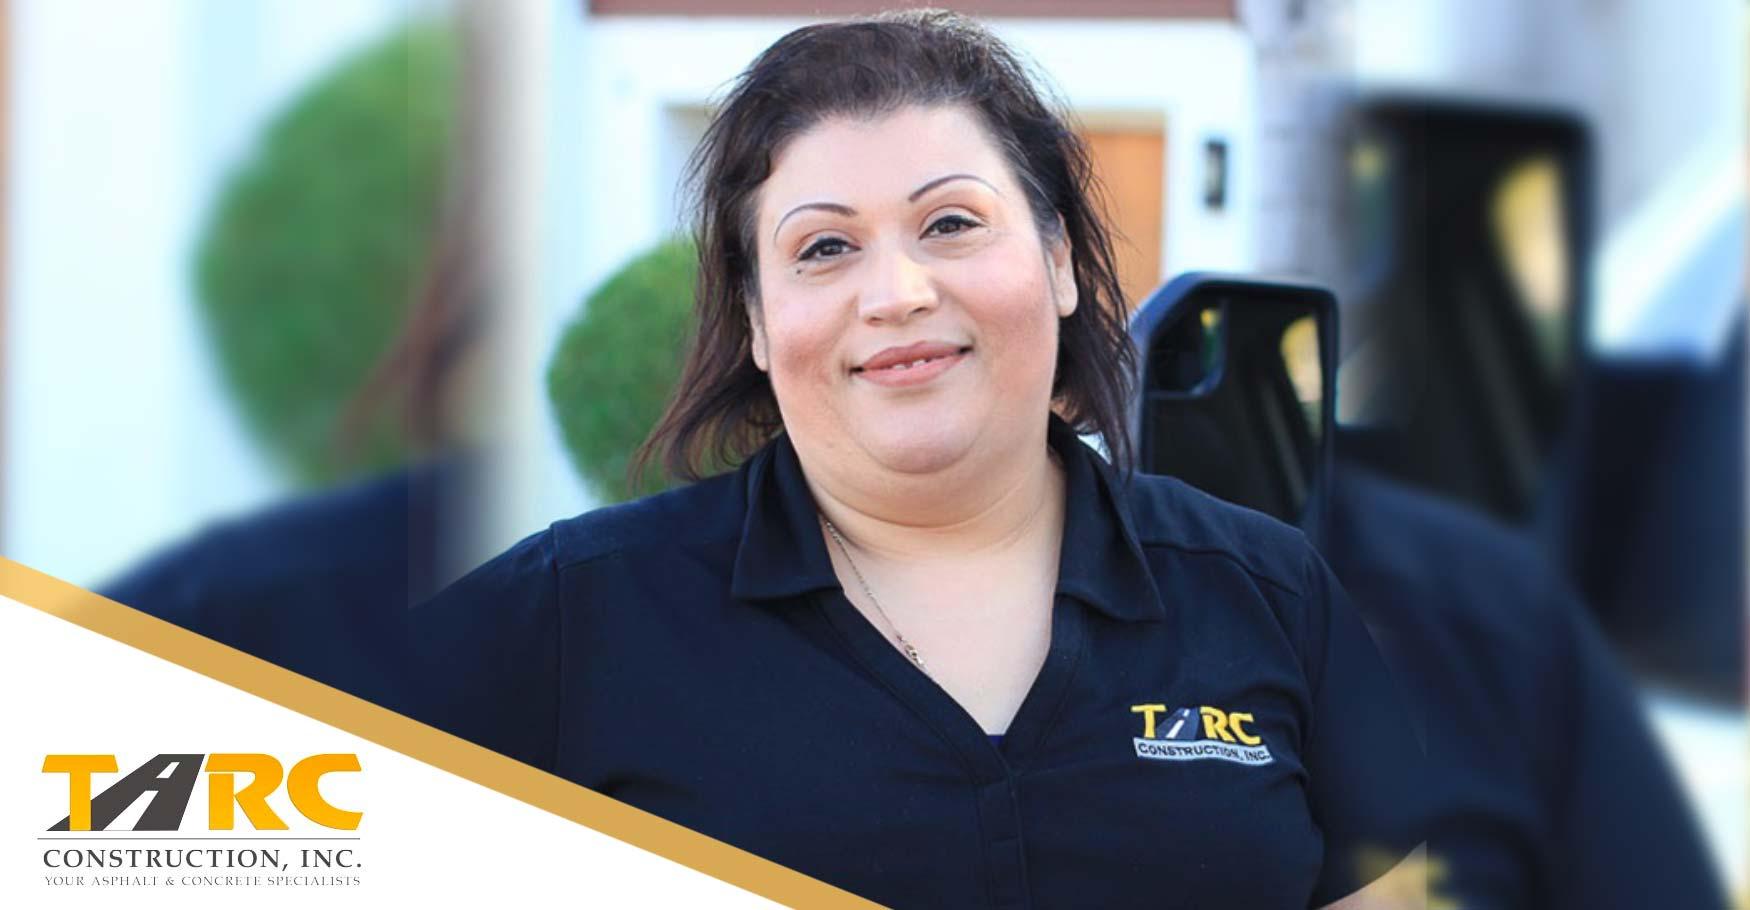 Meet Hilda Duarte